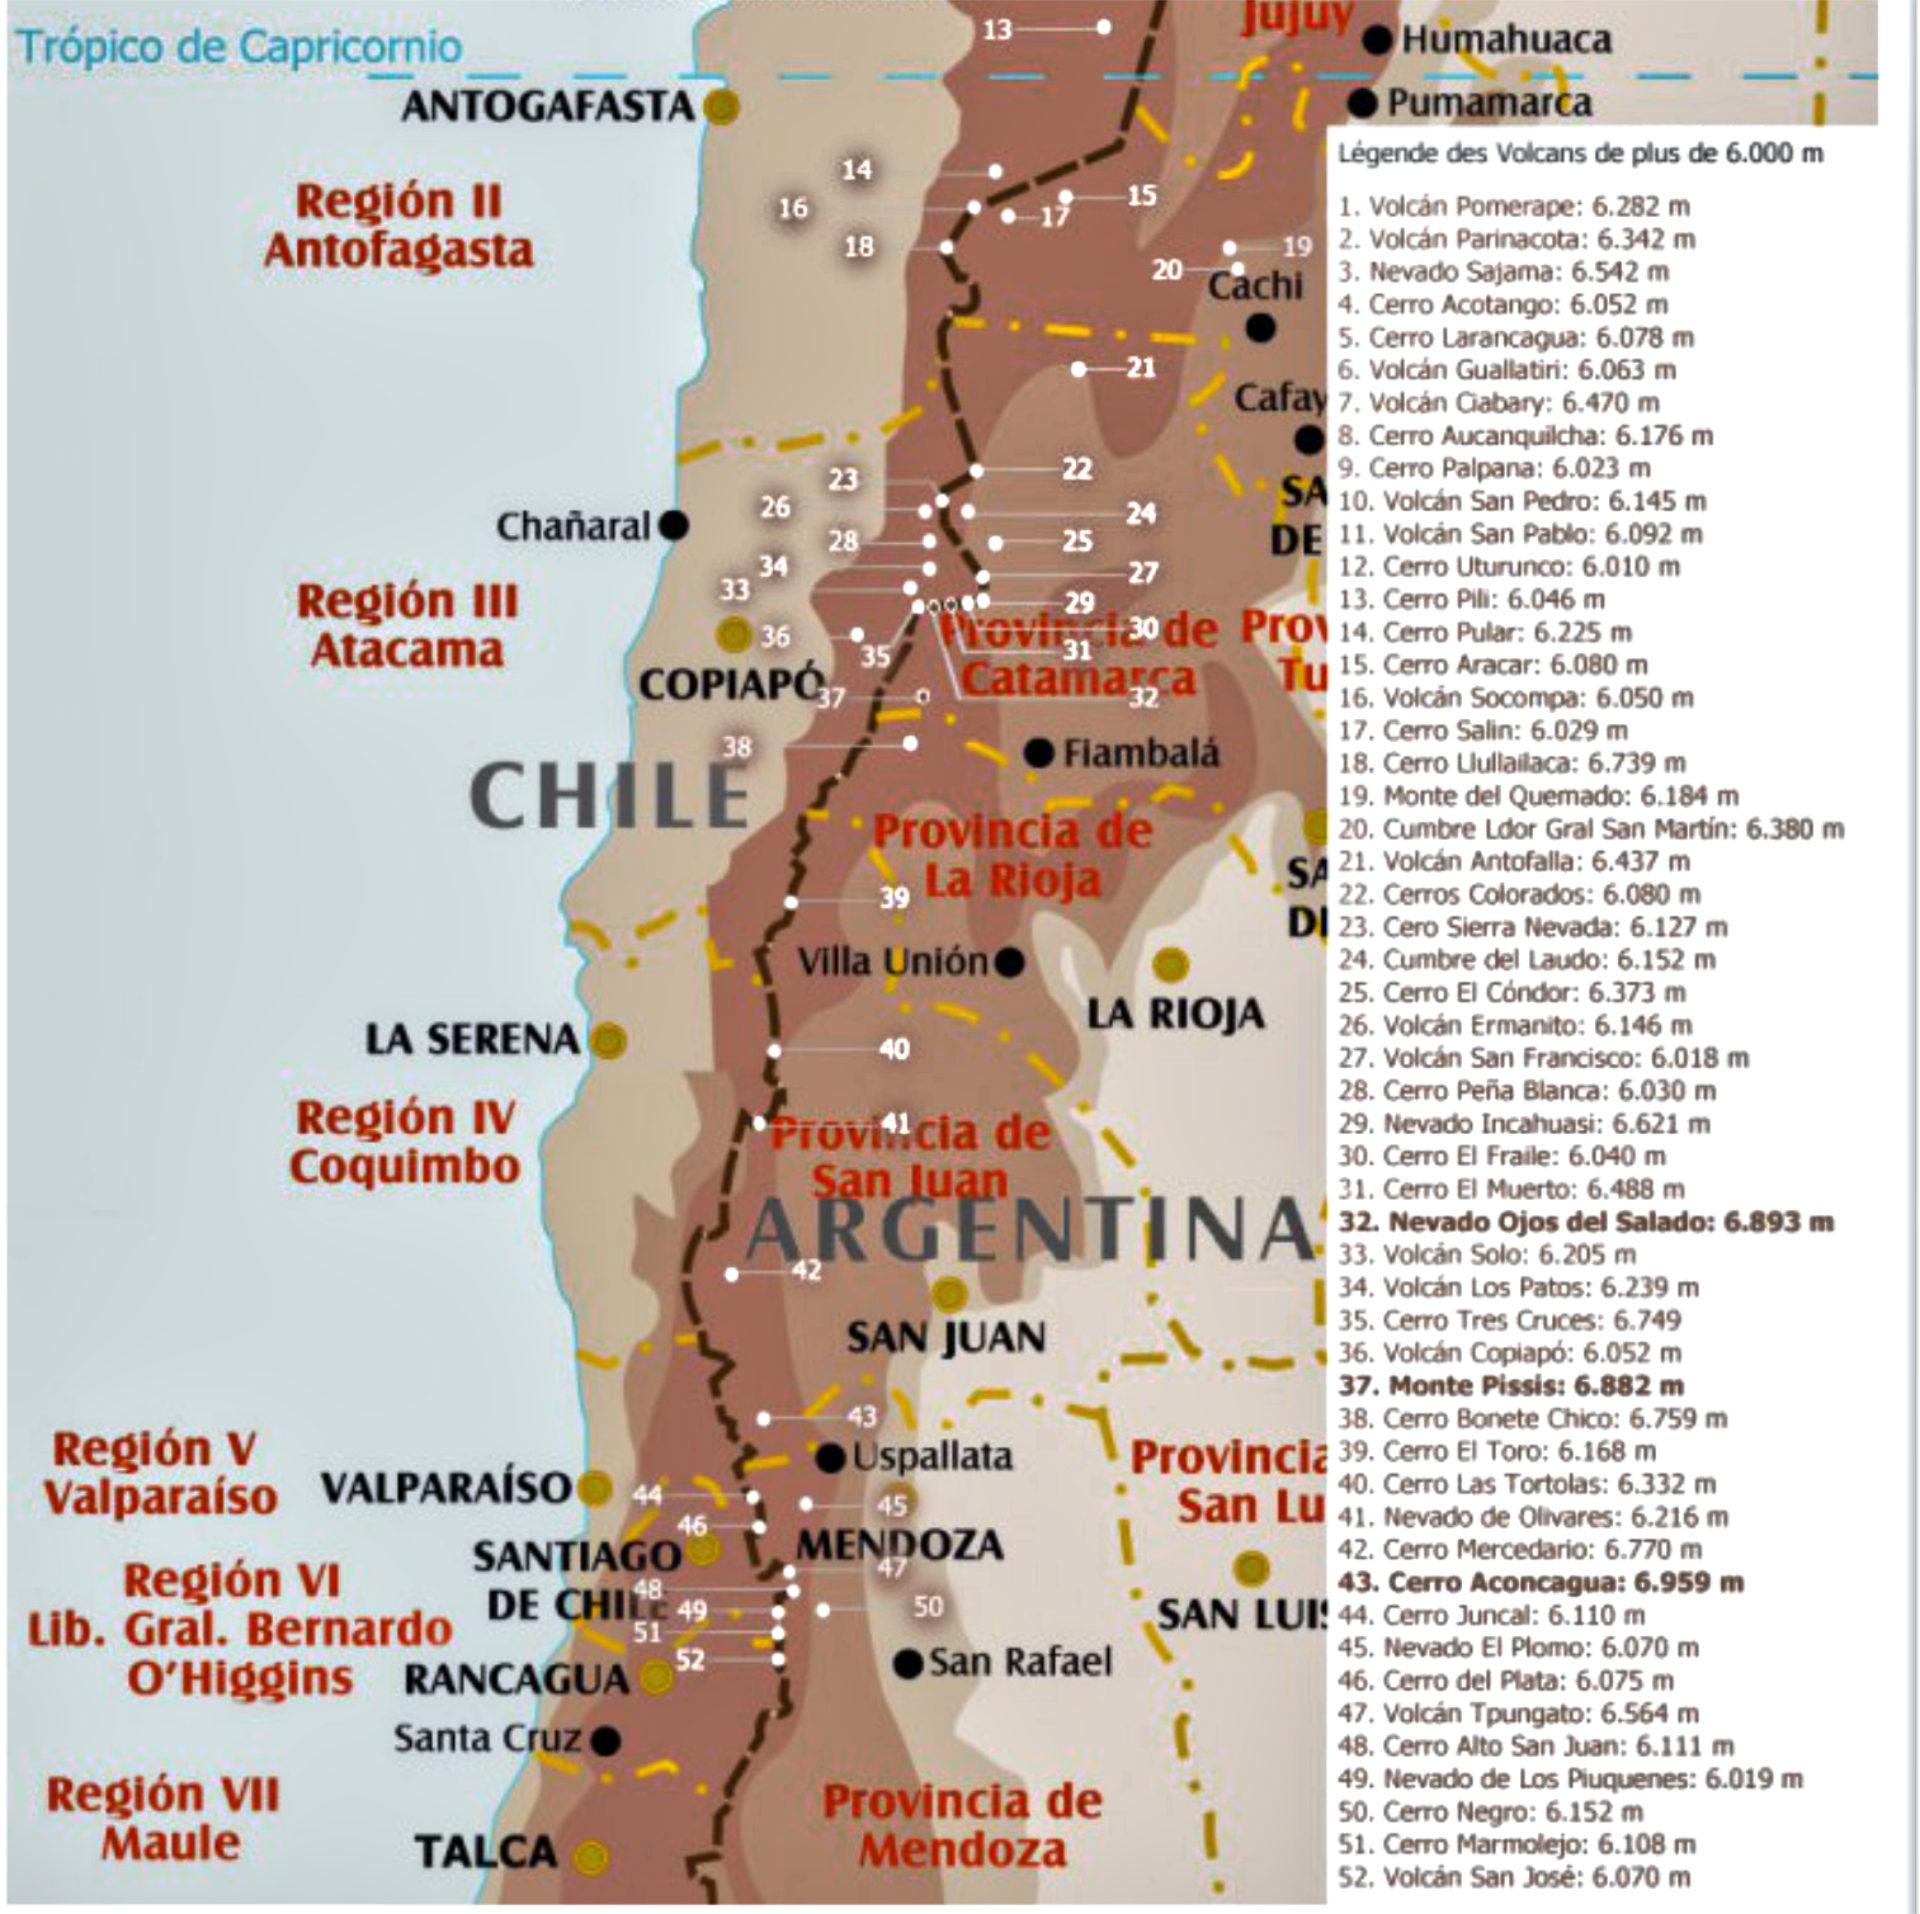 Carte des sommets de plus de 6 000 m dans les Andes, Chili & Argentine